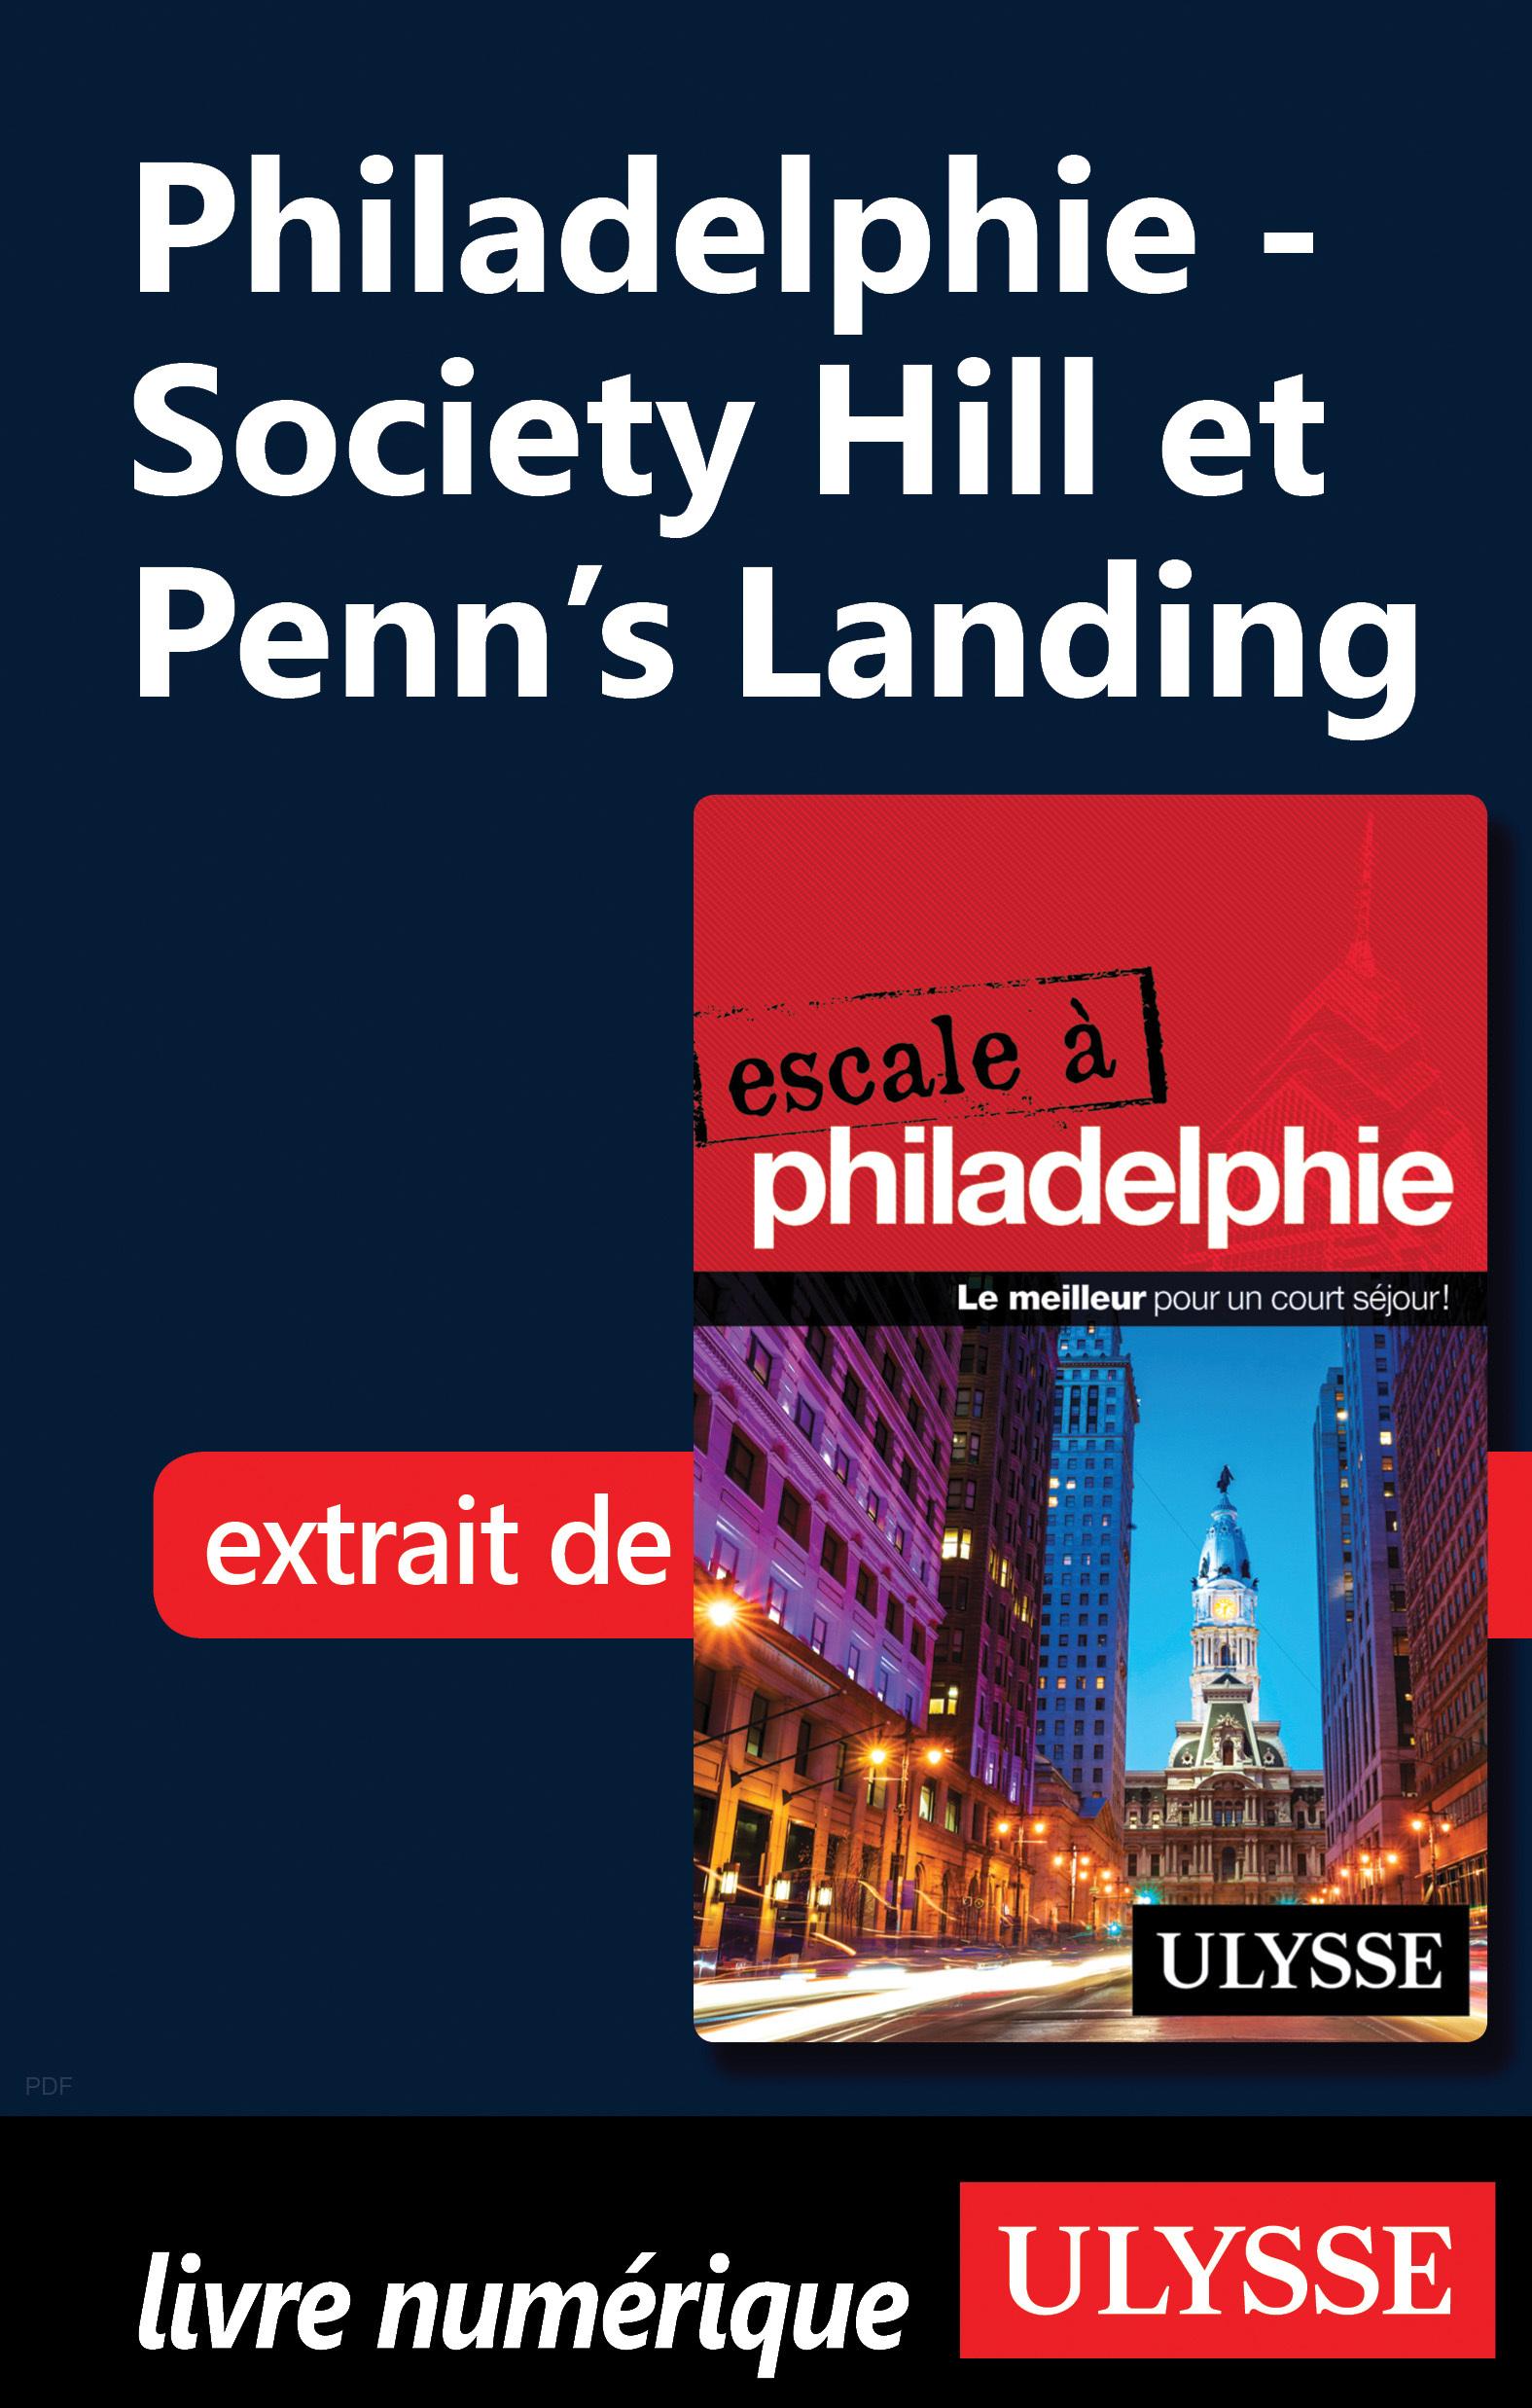 Philadelphie - Society Hill et Penn's Landing